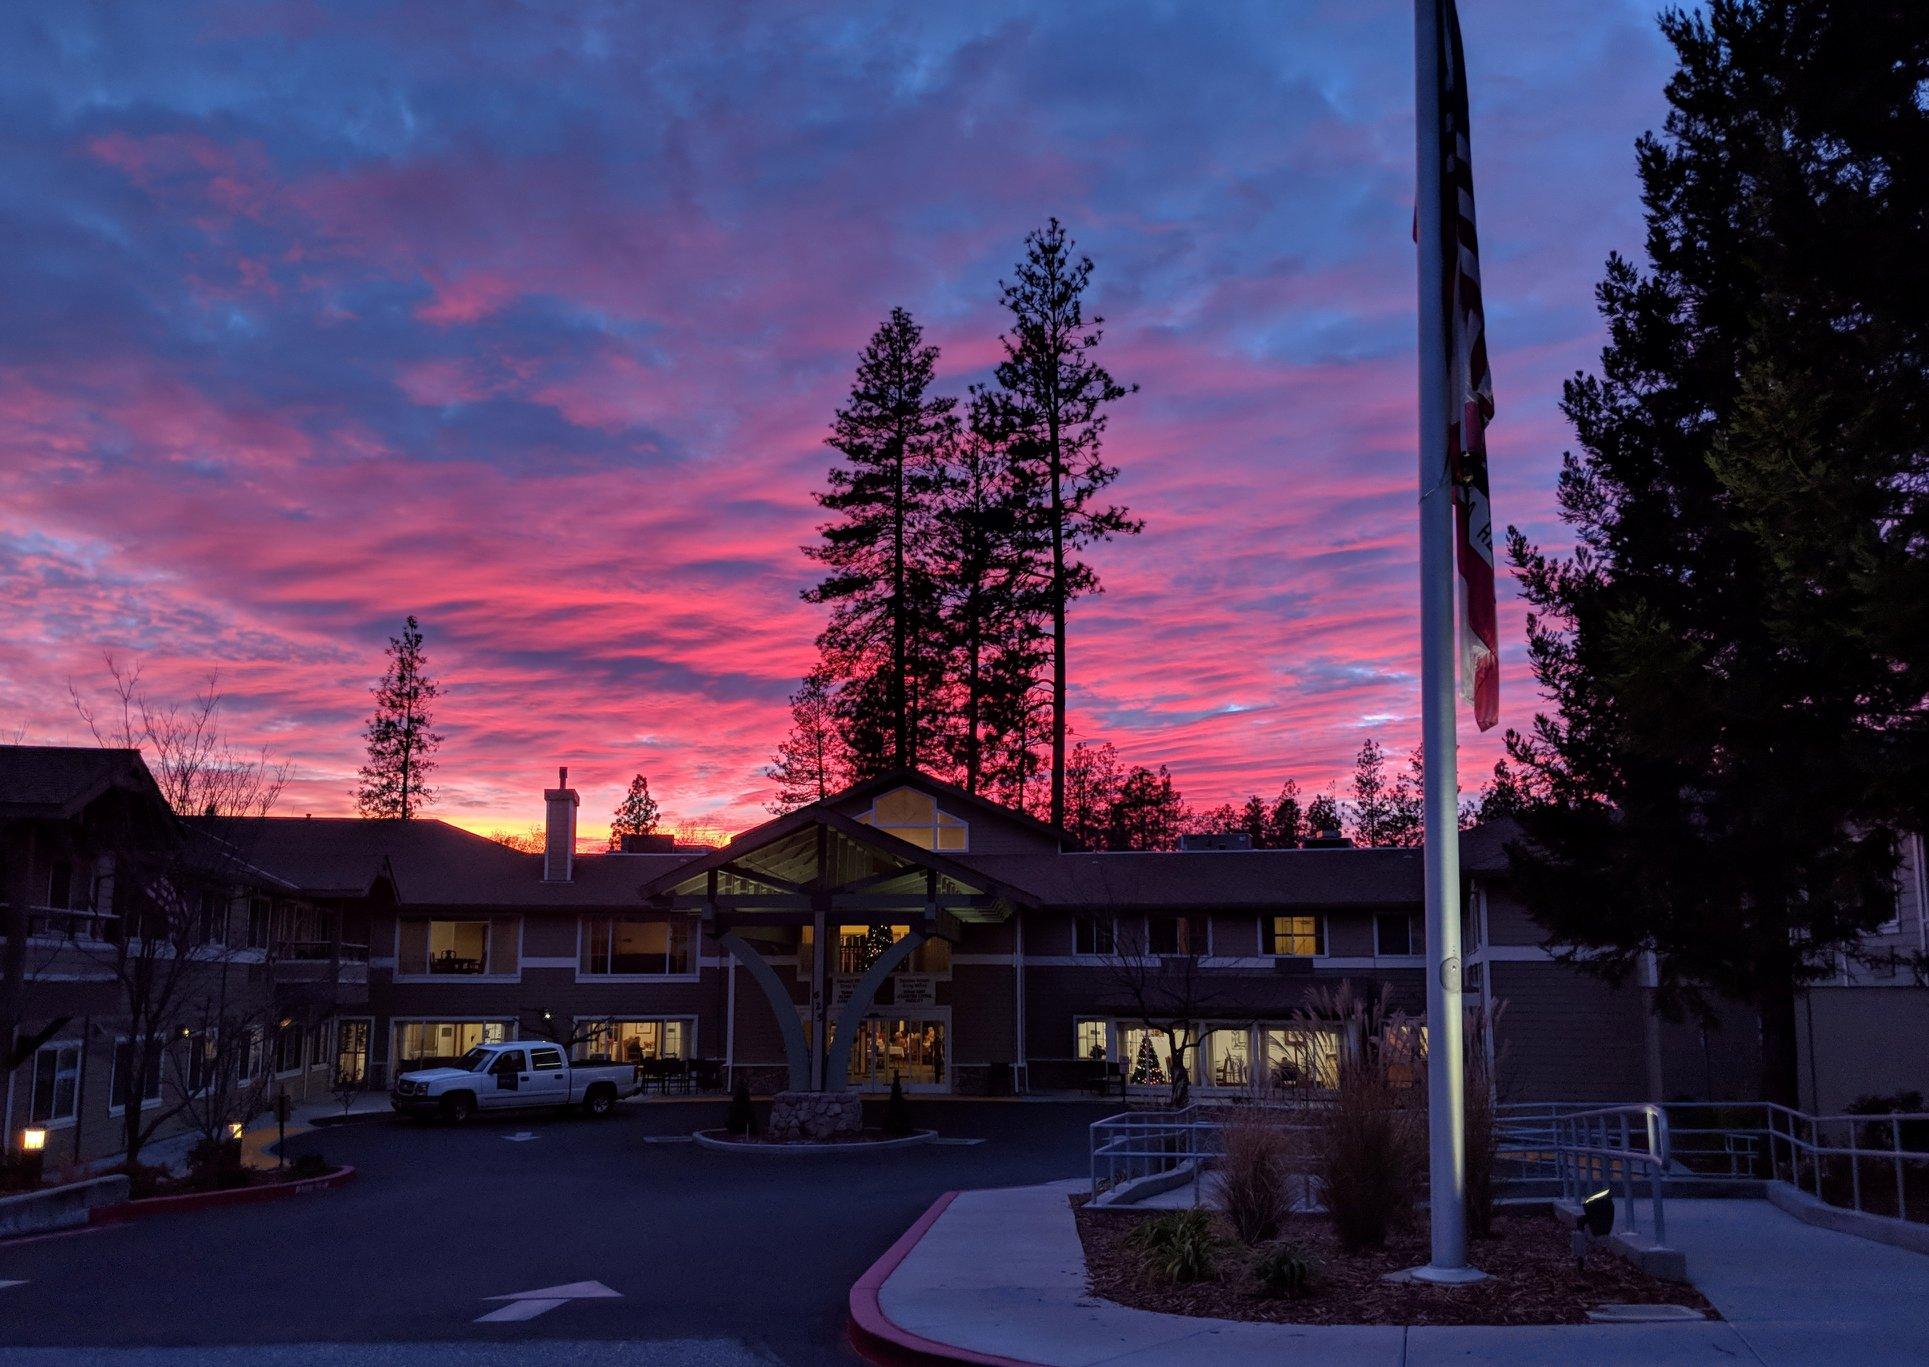 EVGV Sunset